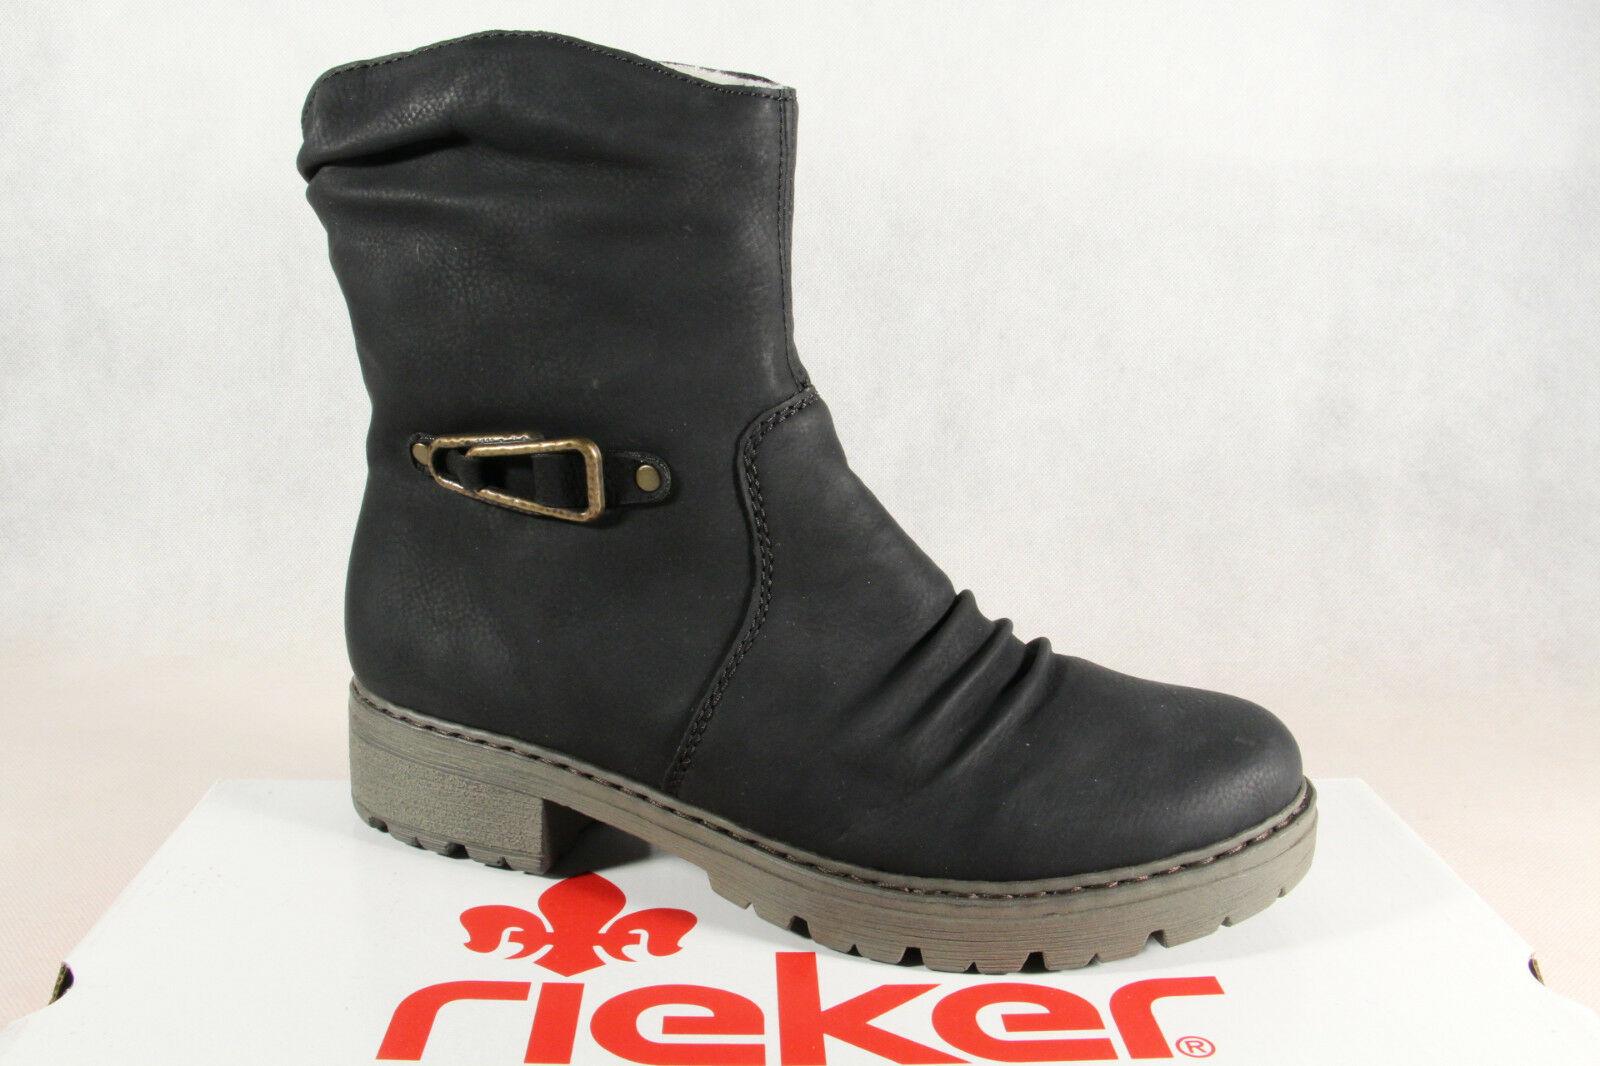 Rieker Stiefel Stiefelette Stiefel, Winterstiefel schwarz Y9061 NEU